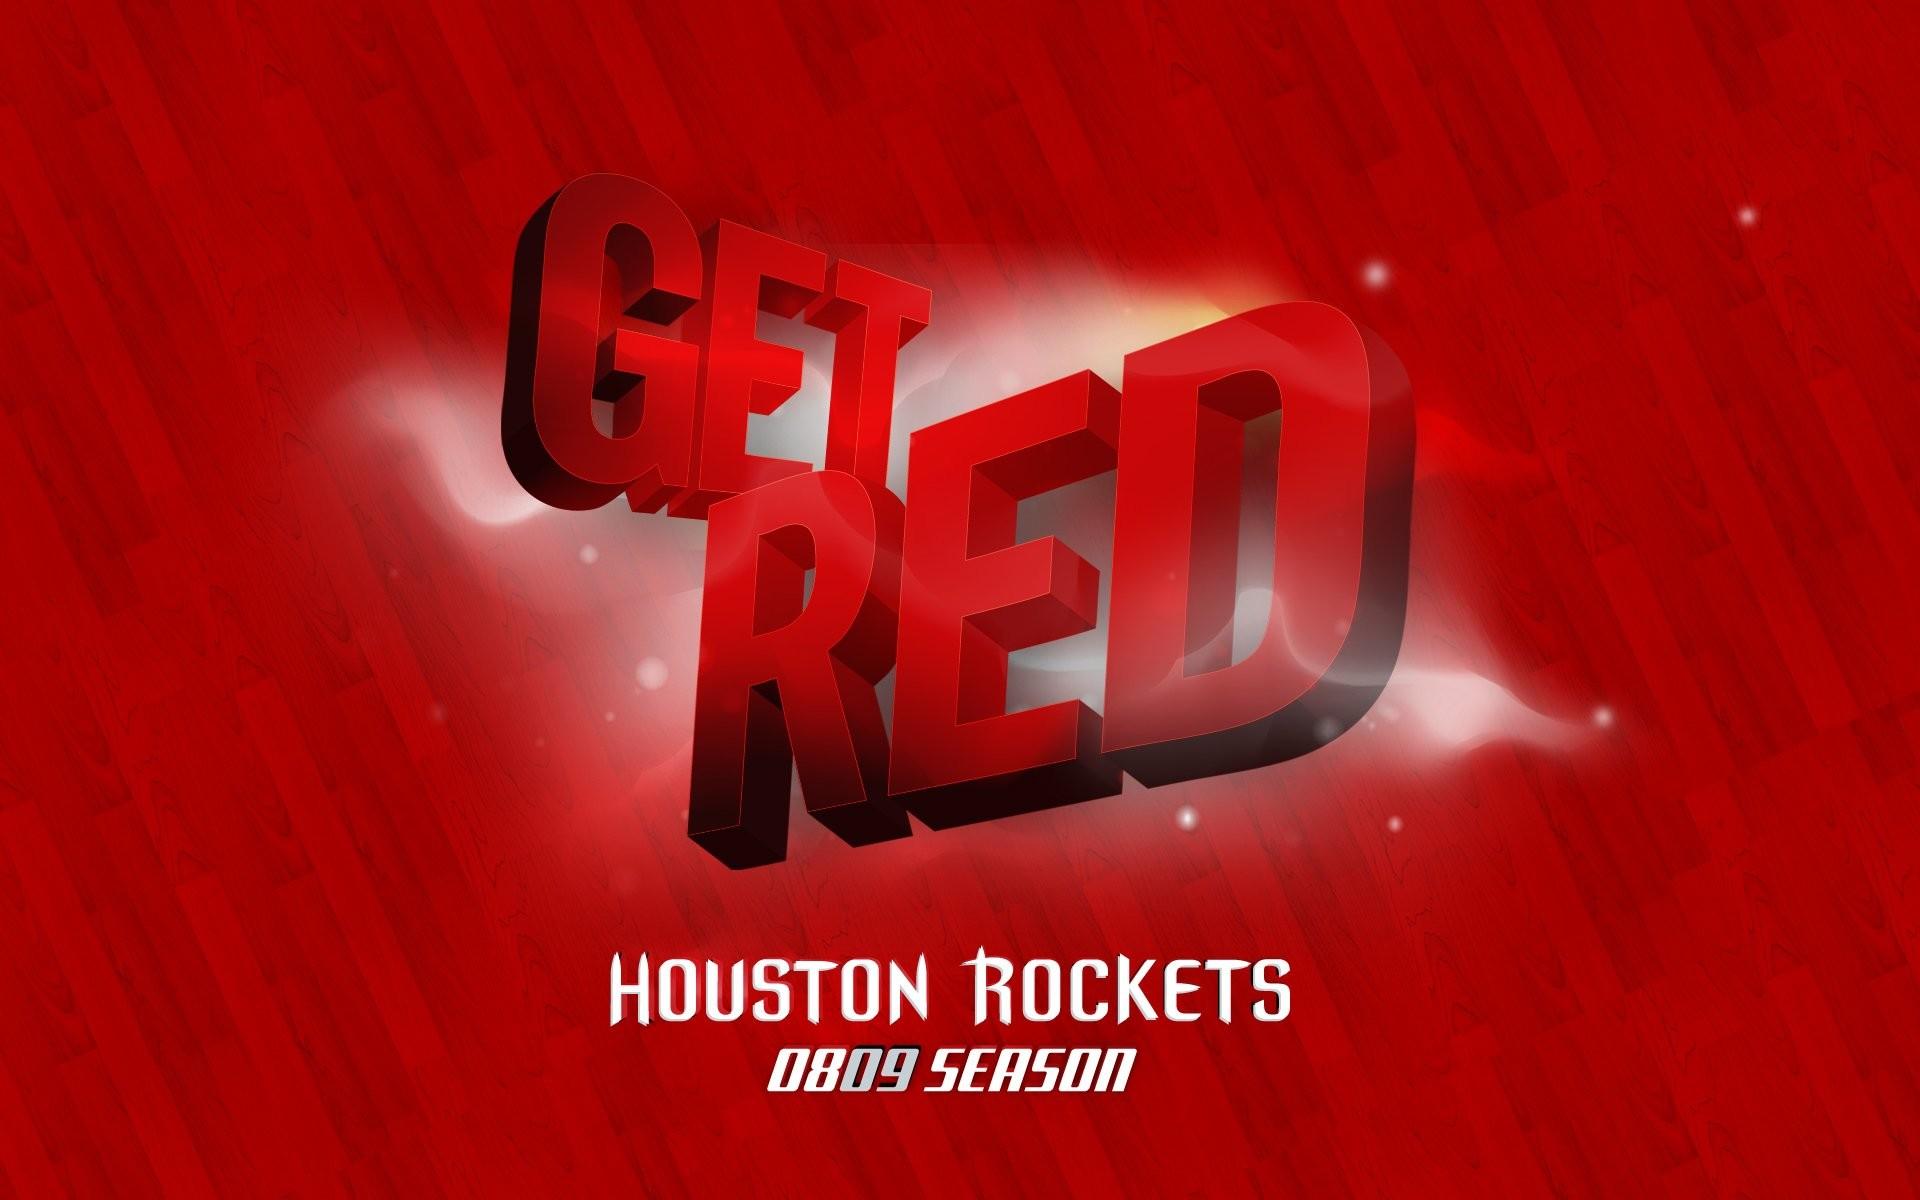 NBA Houston Rockets 2009 playoffs image 7#